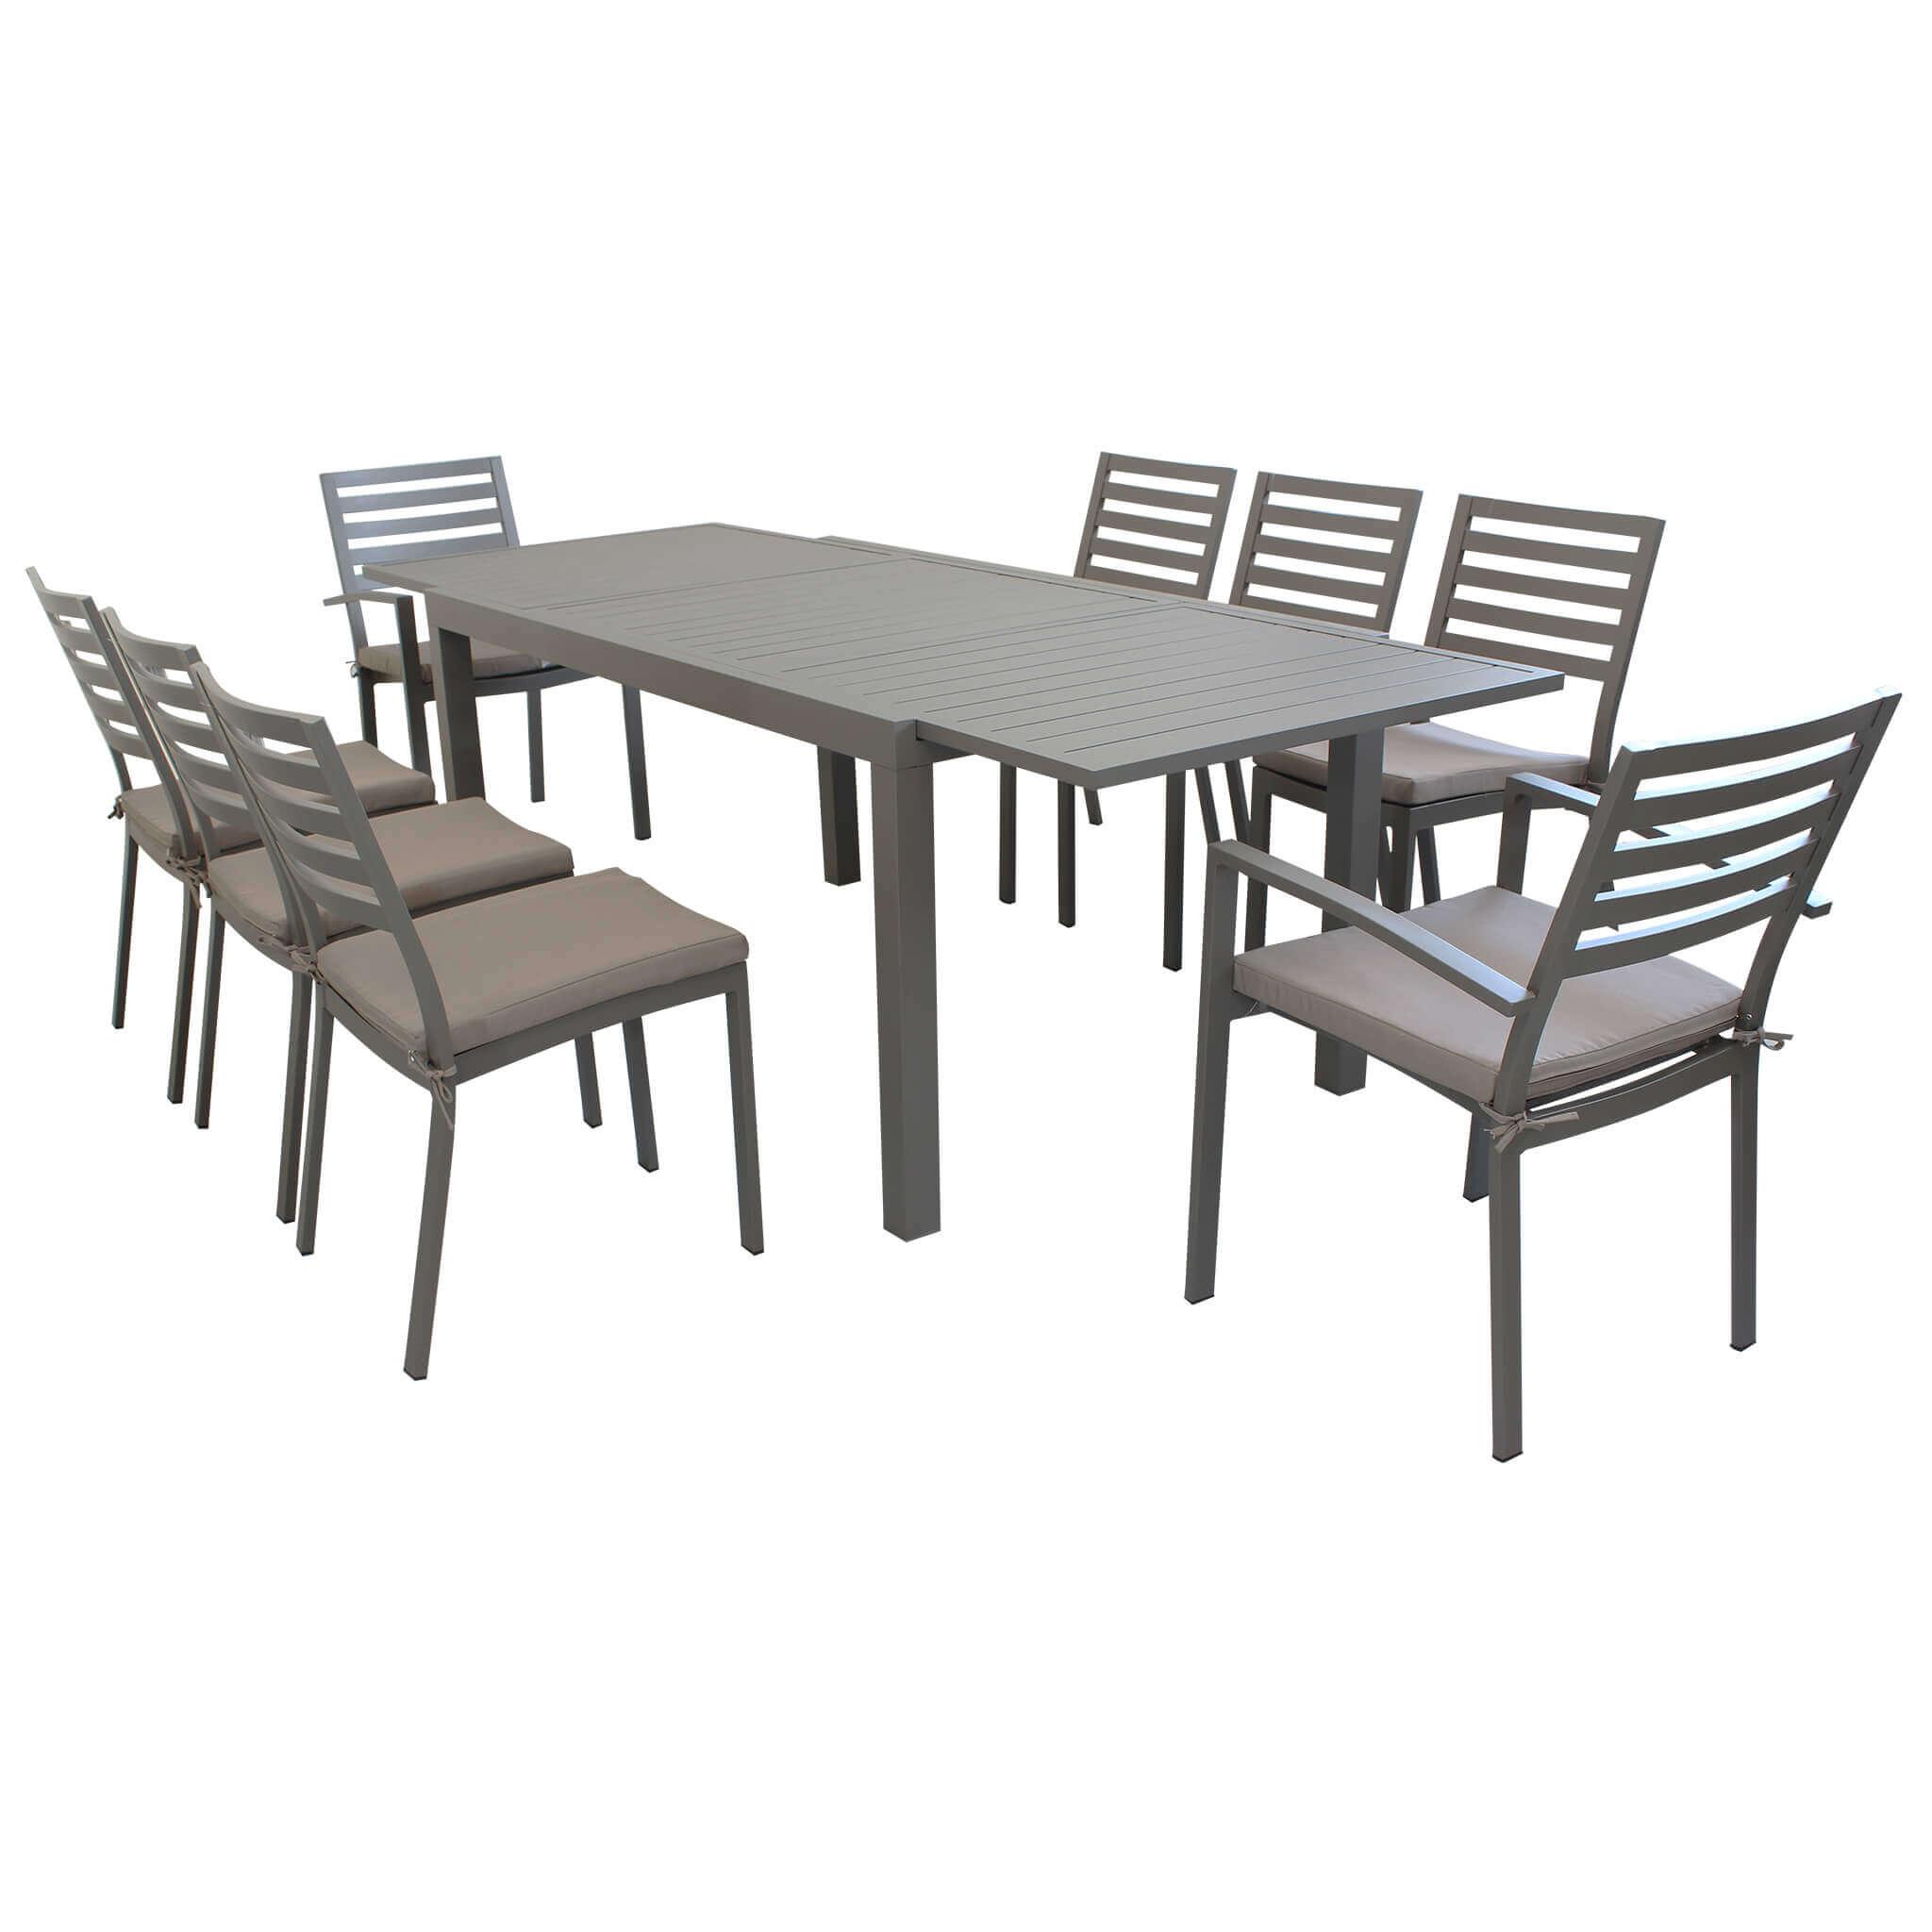 Milani Home DEXTER - set tavolo da giardino allungabile 160/240 x 90 compreso di 6 sedie e 2 poltrone in alluminio